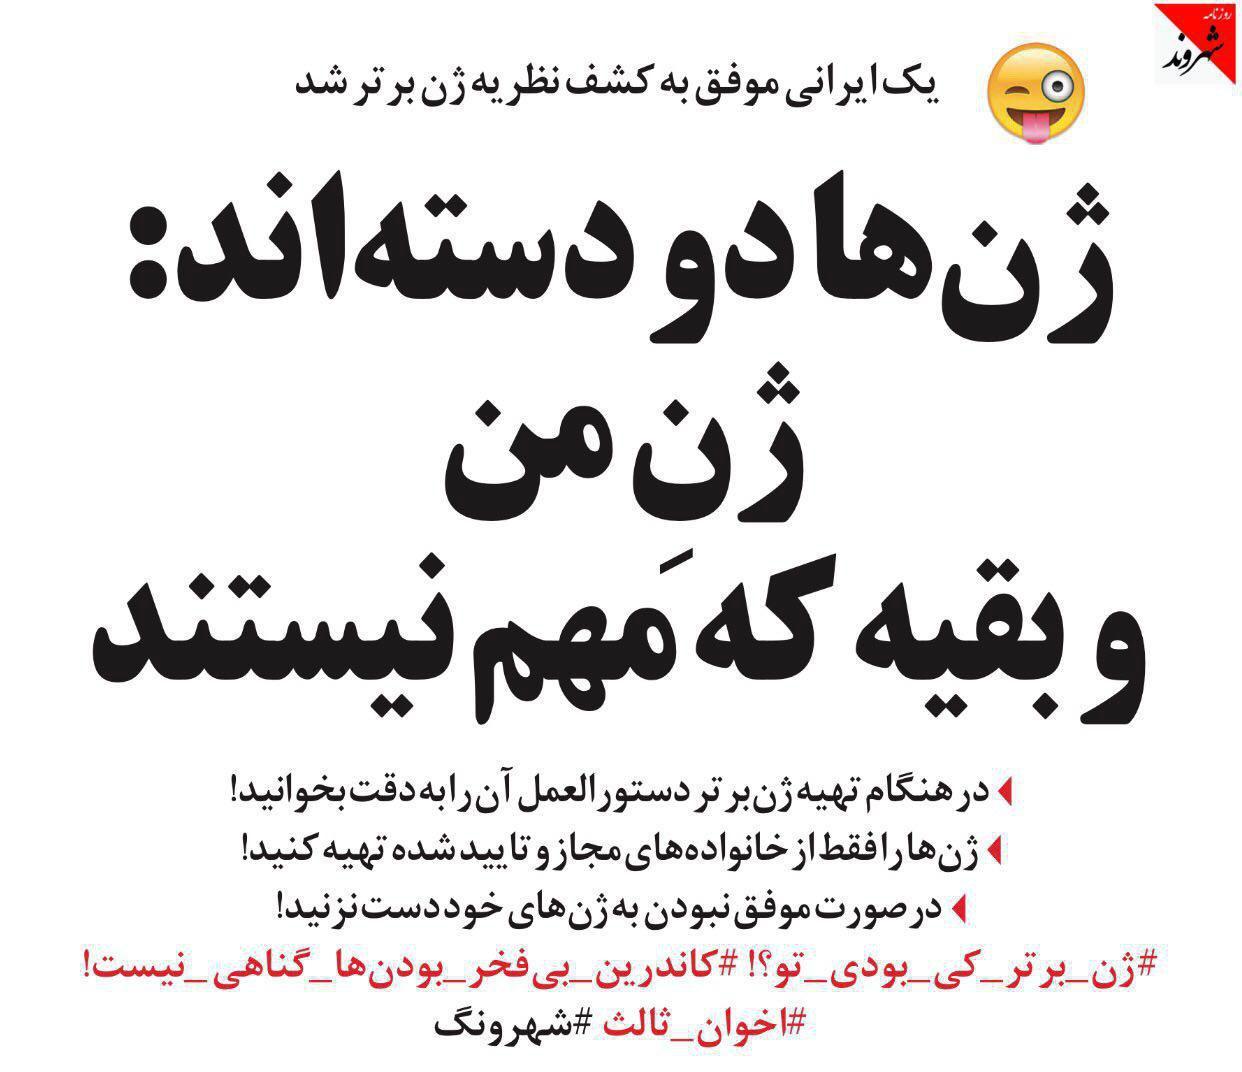 يك ايرانى موفق به كشف نظريه ژن برتر شد!!